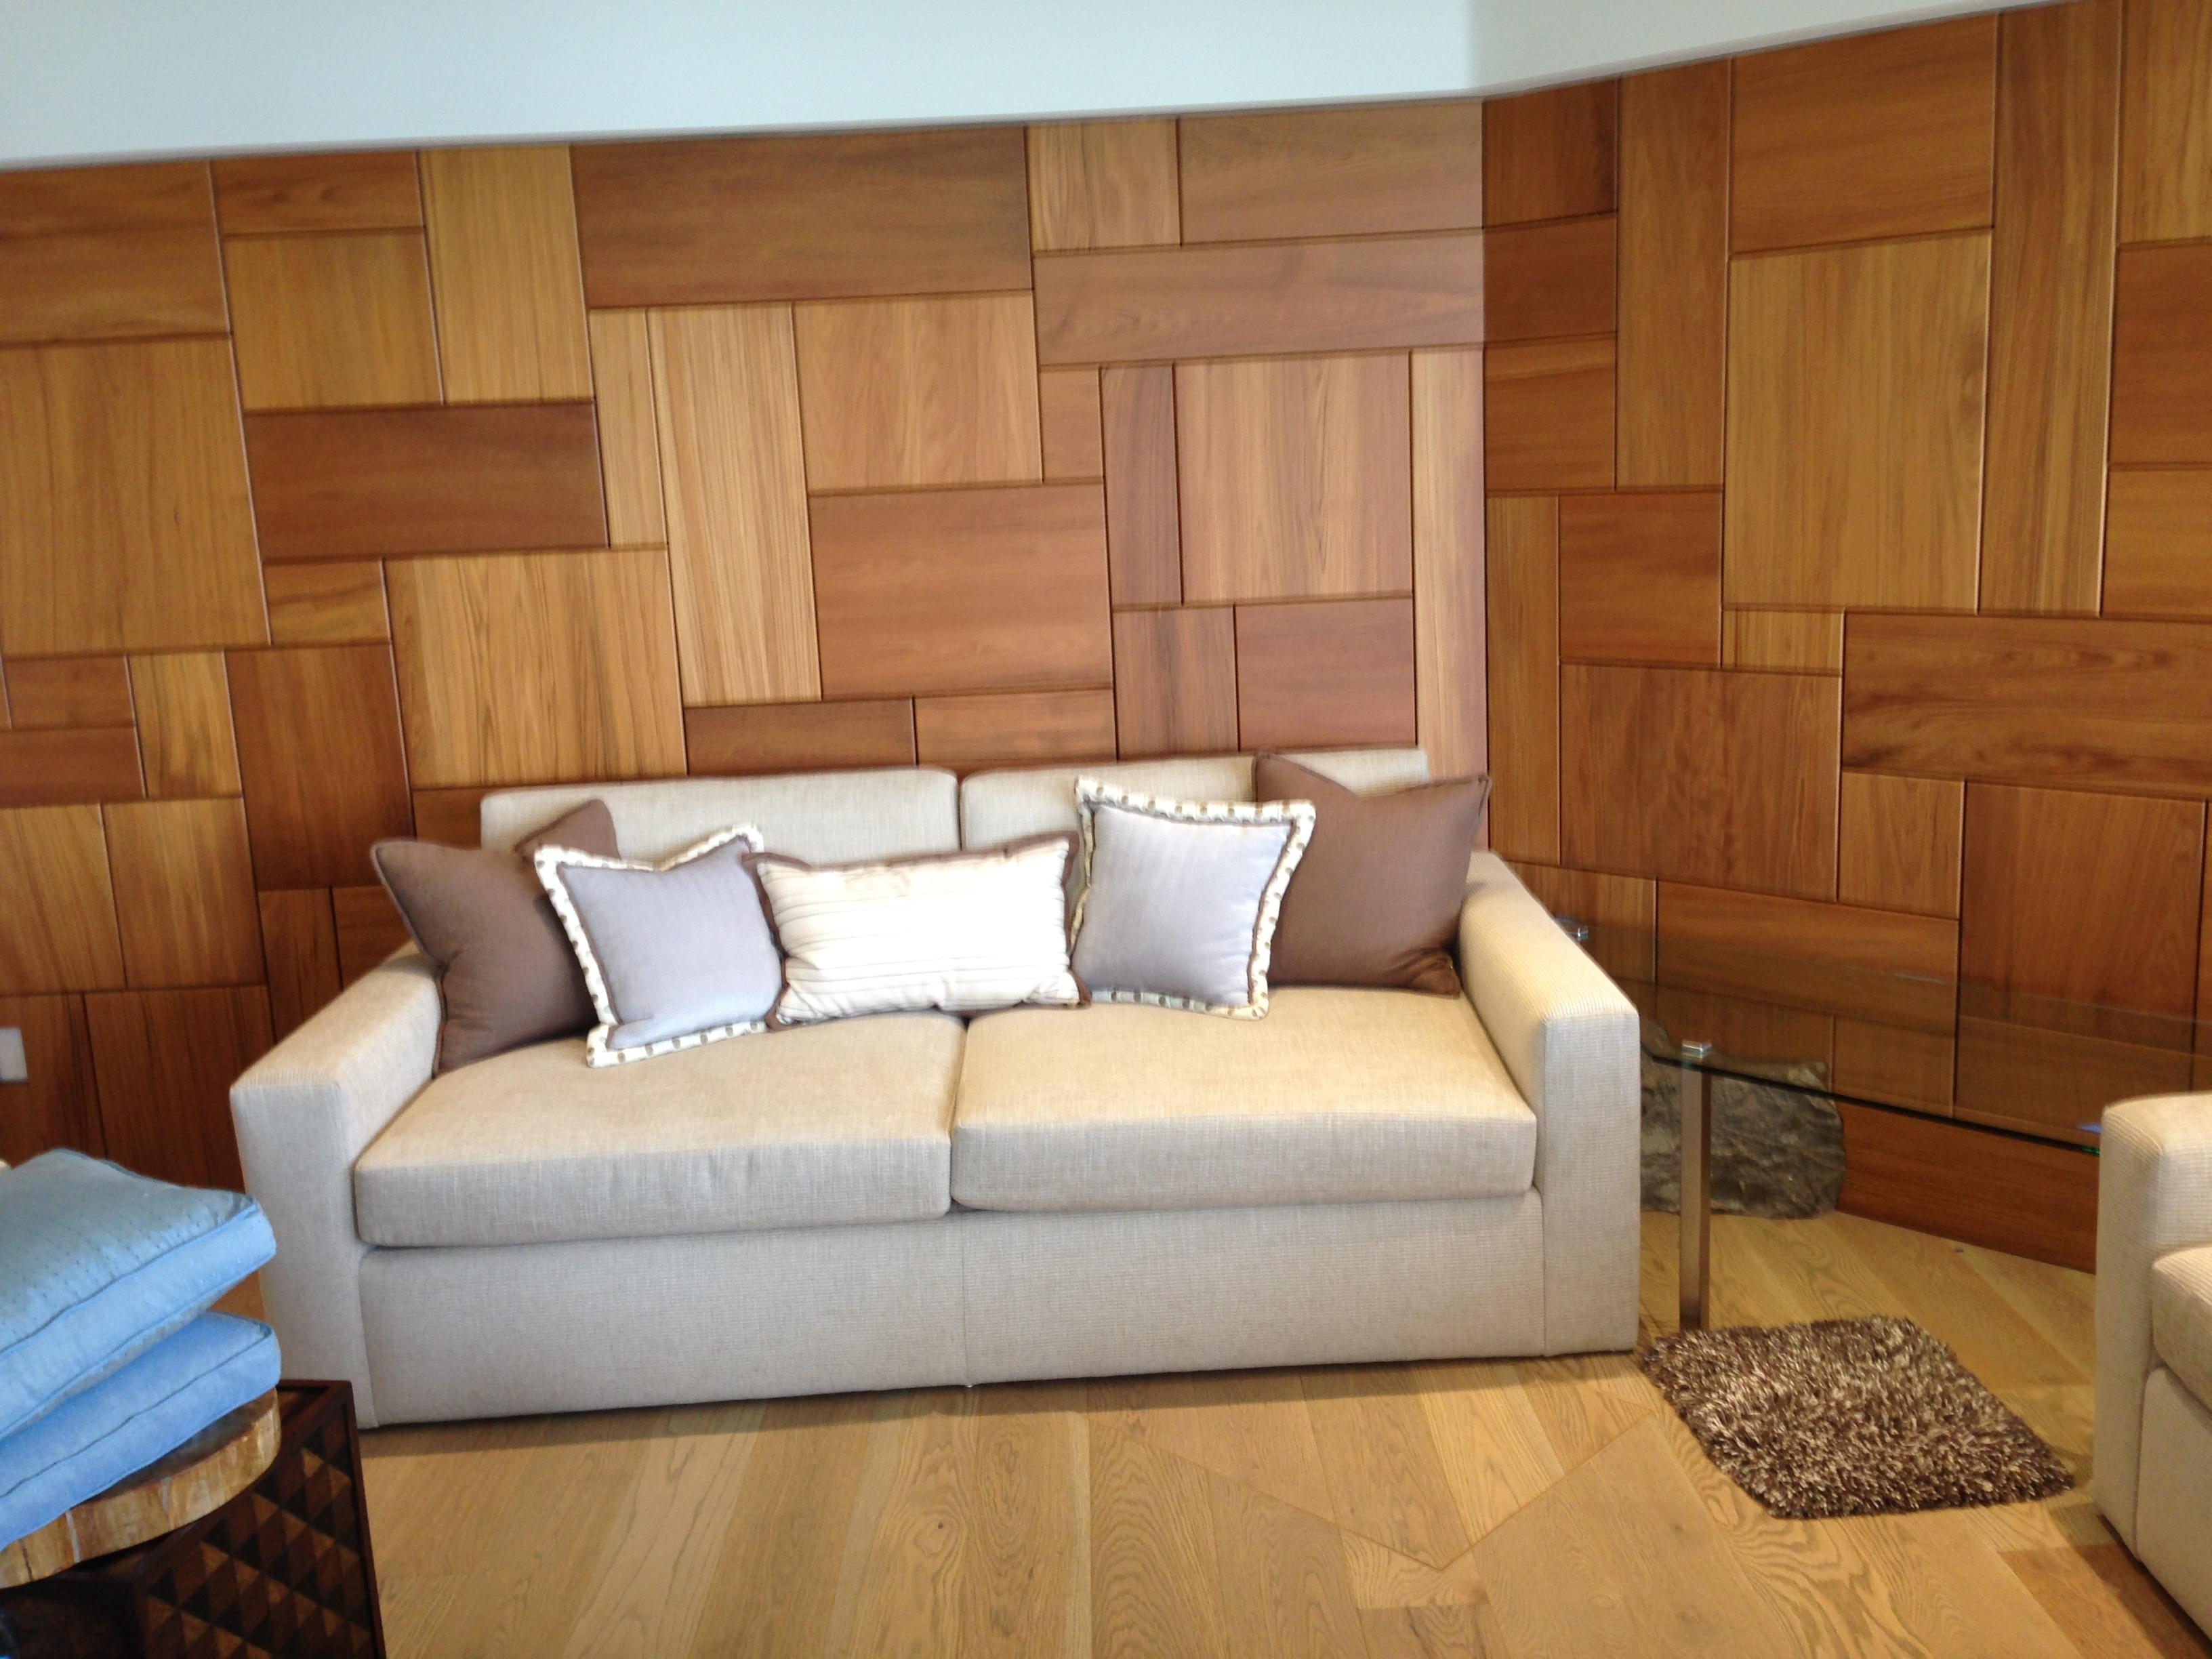 custom sofa with storage